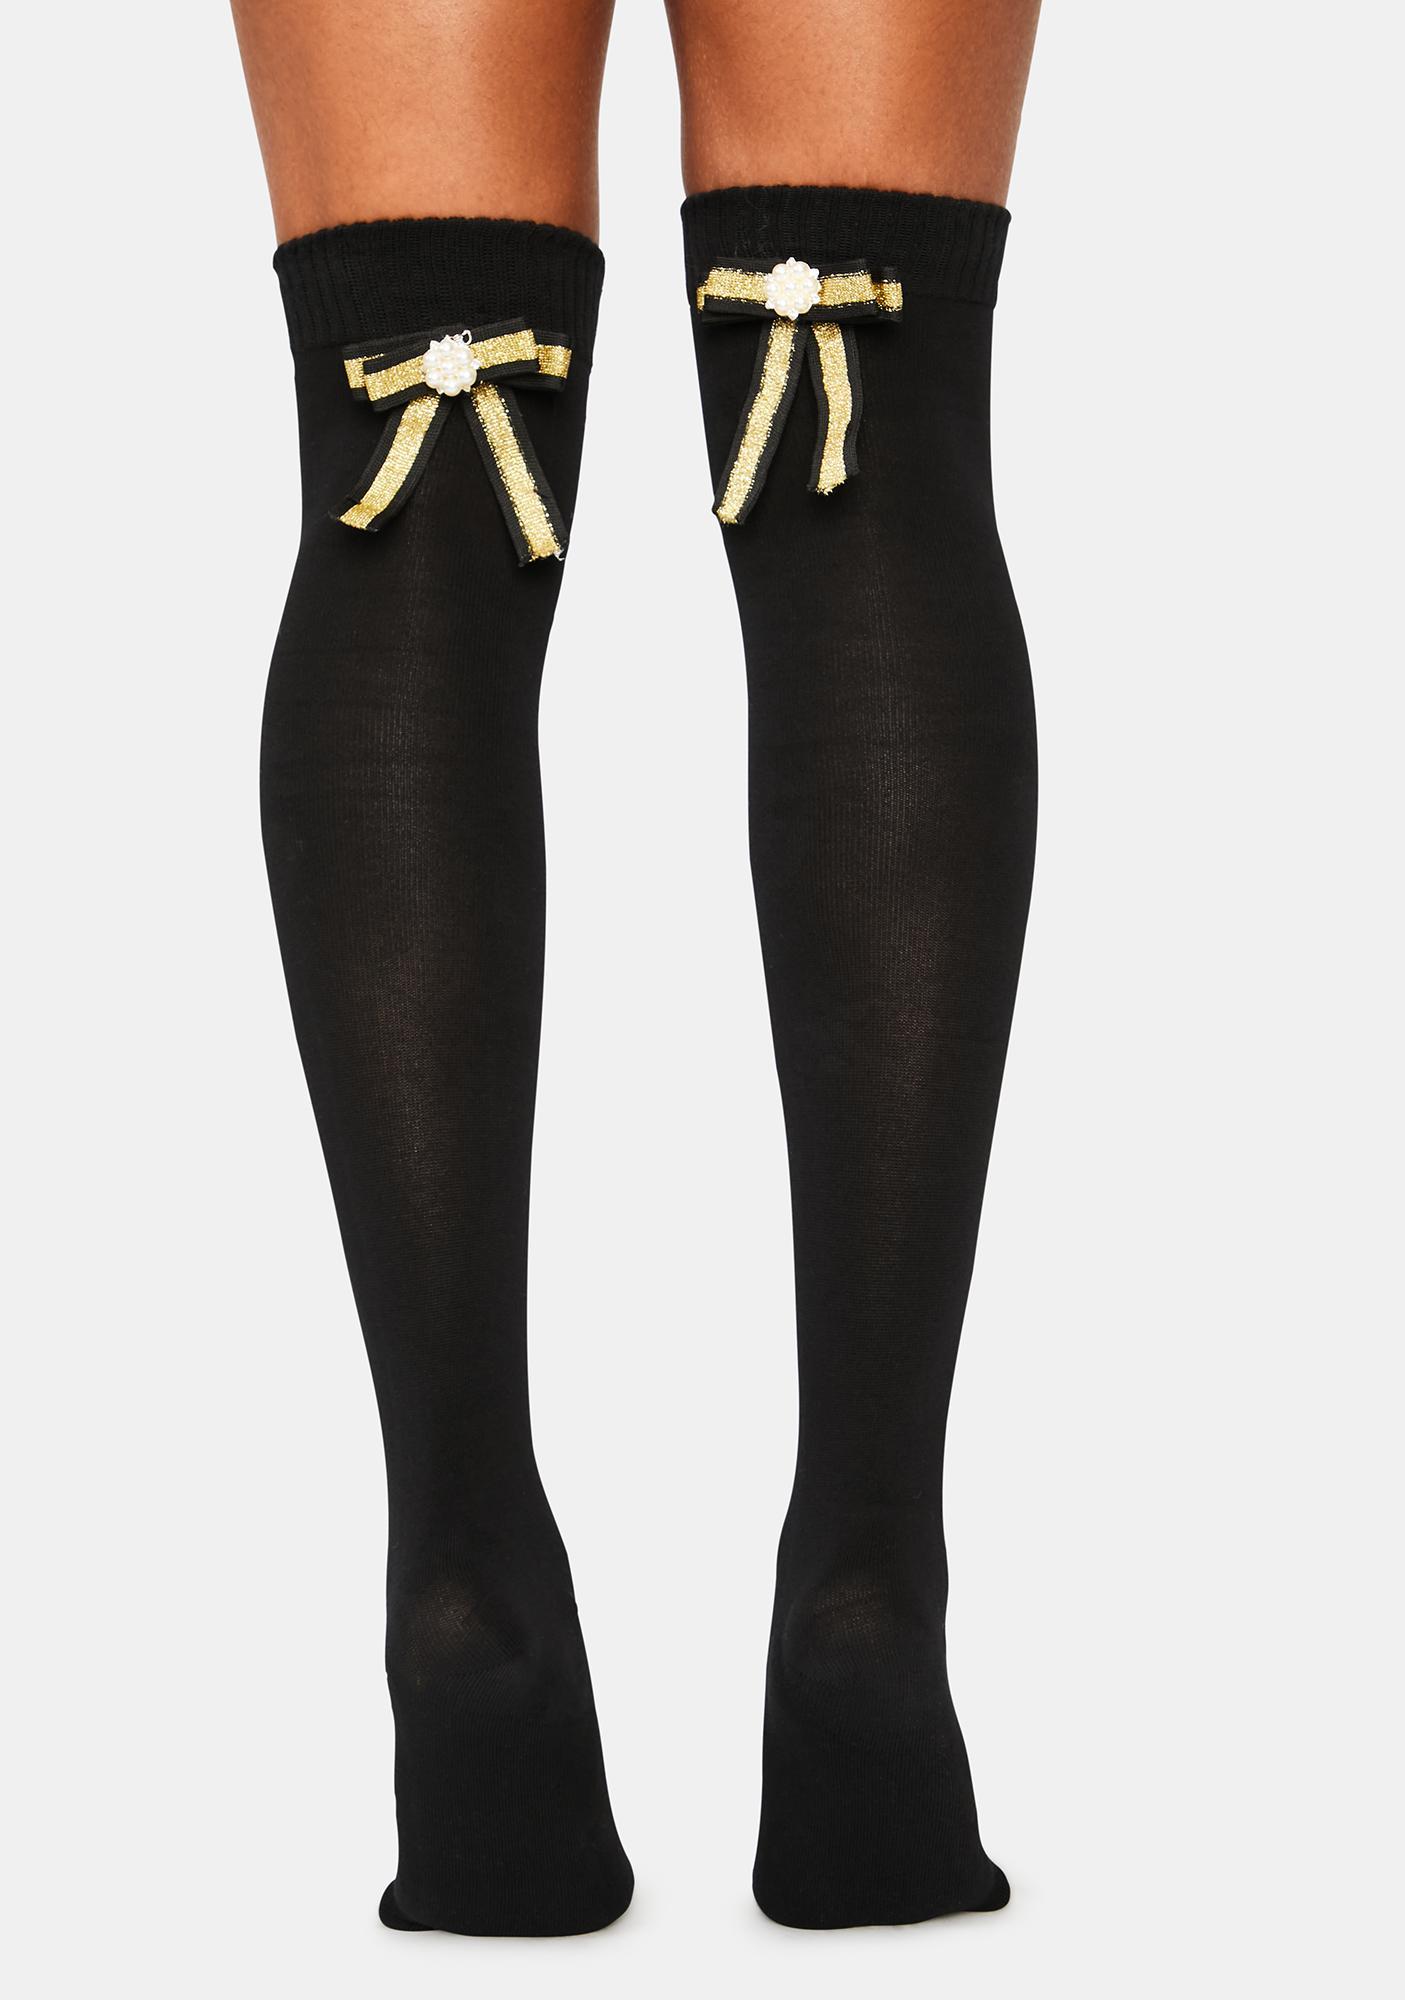 MeMoi Golden Bow Over The Knee Socks